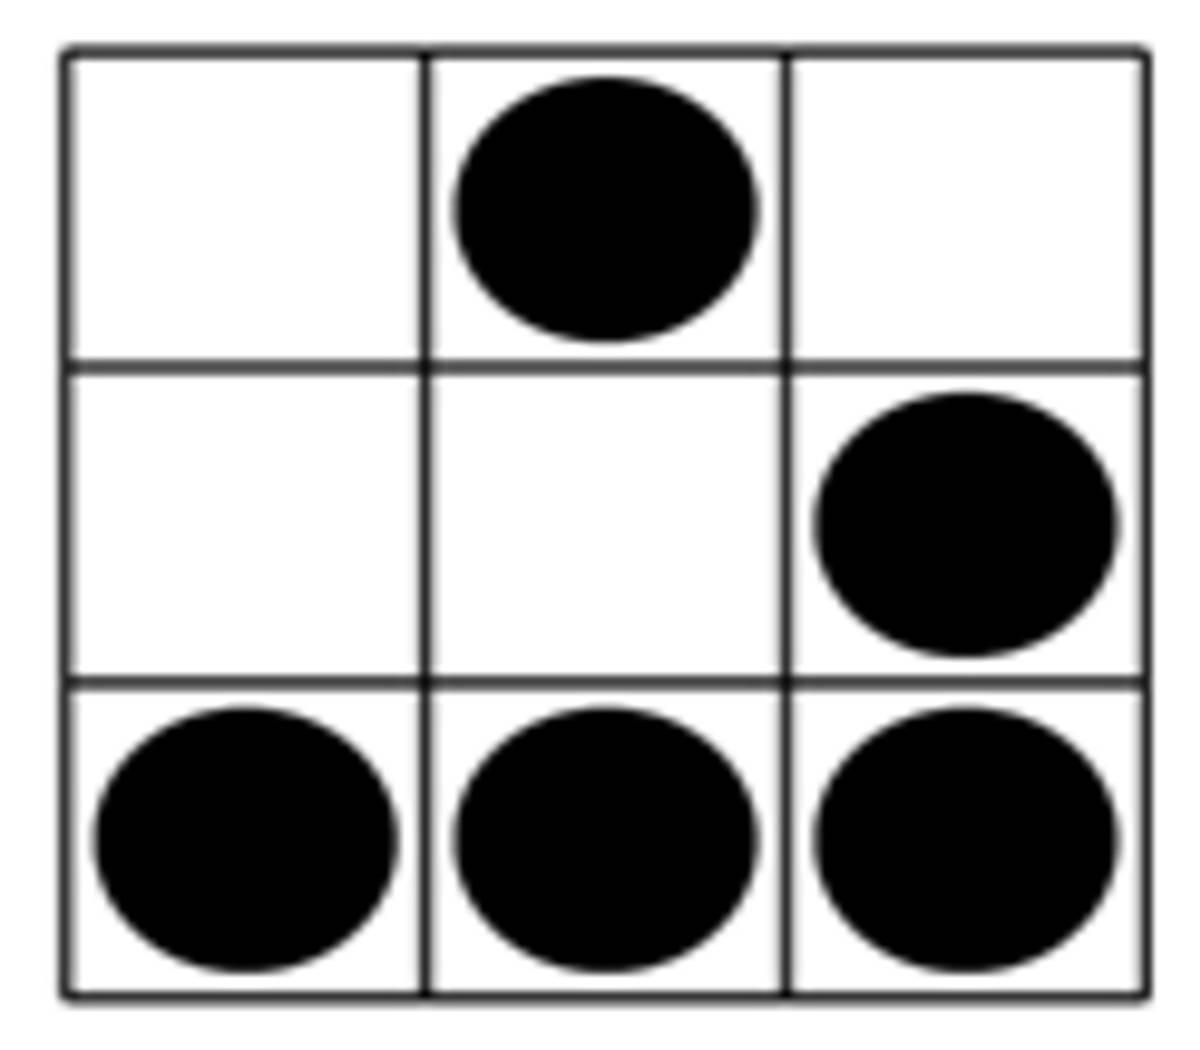 """La complejidad matemática del """"juego de la vida""""   Tecnología   EL PAÍS"""